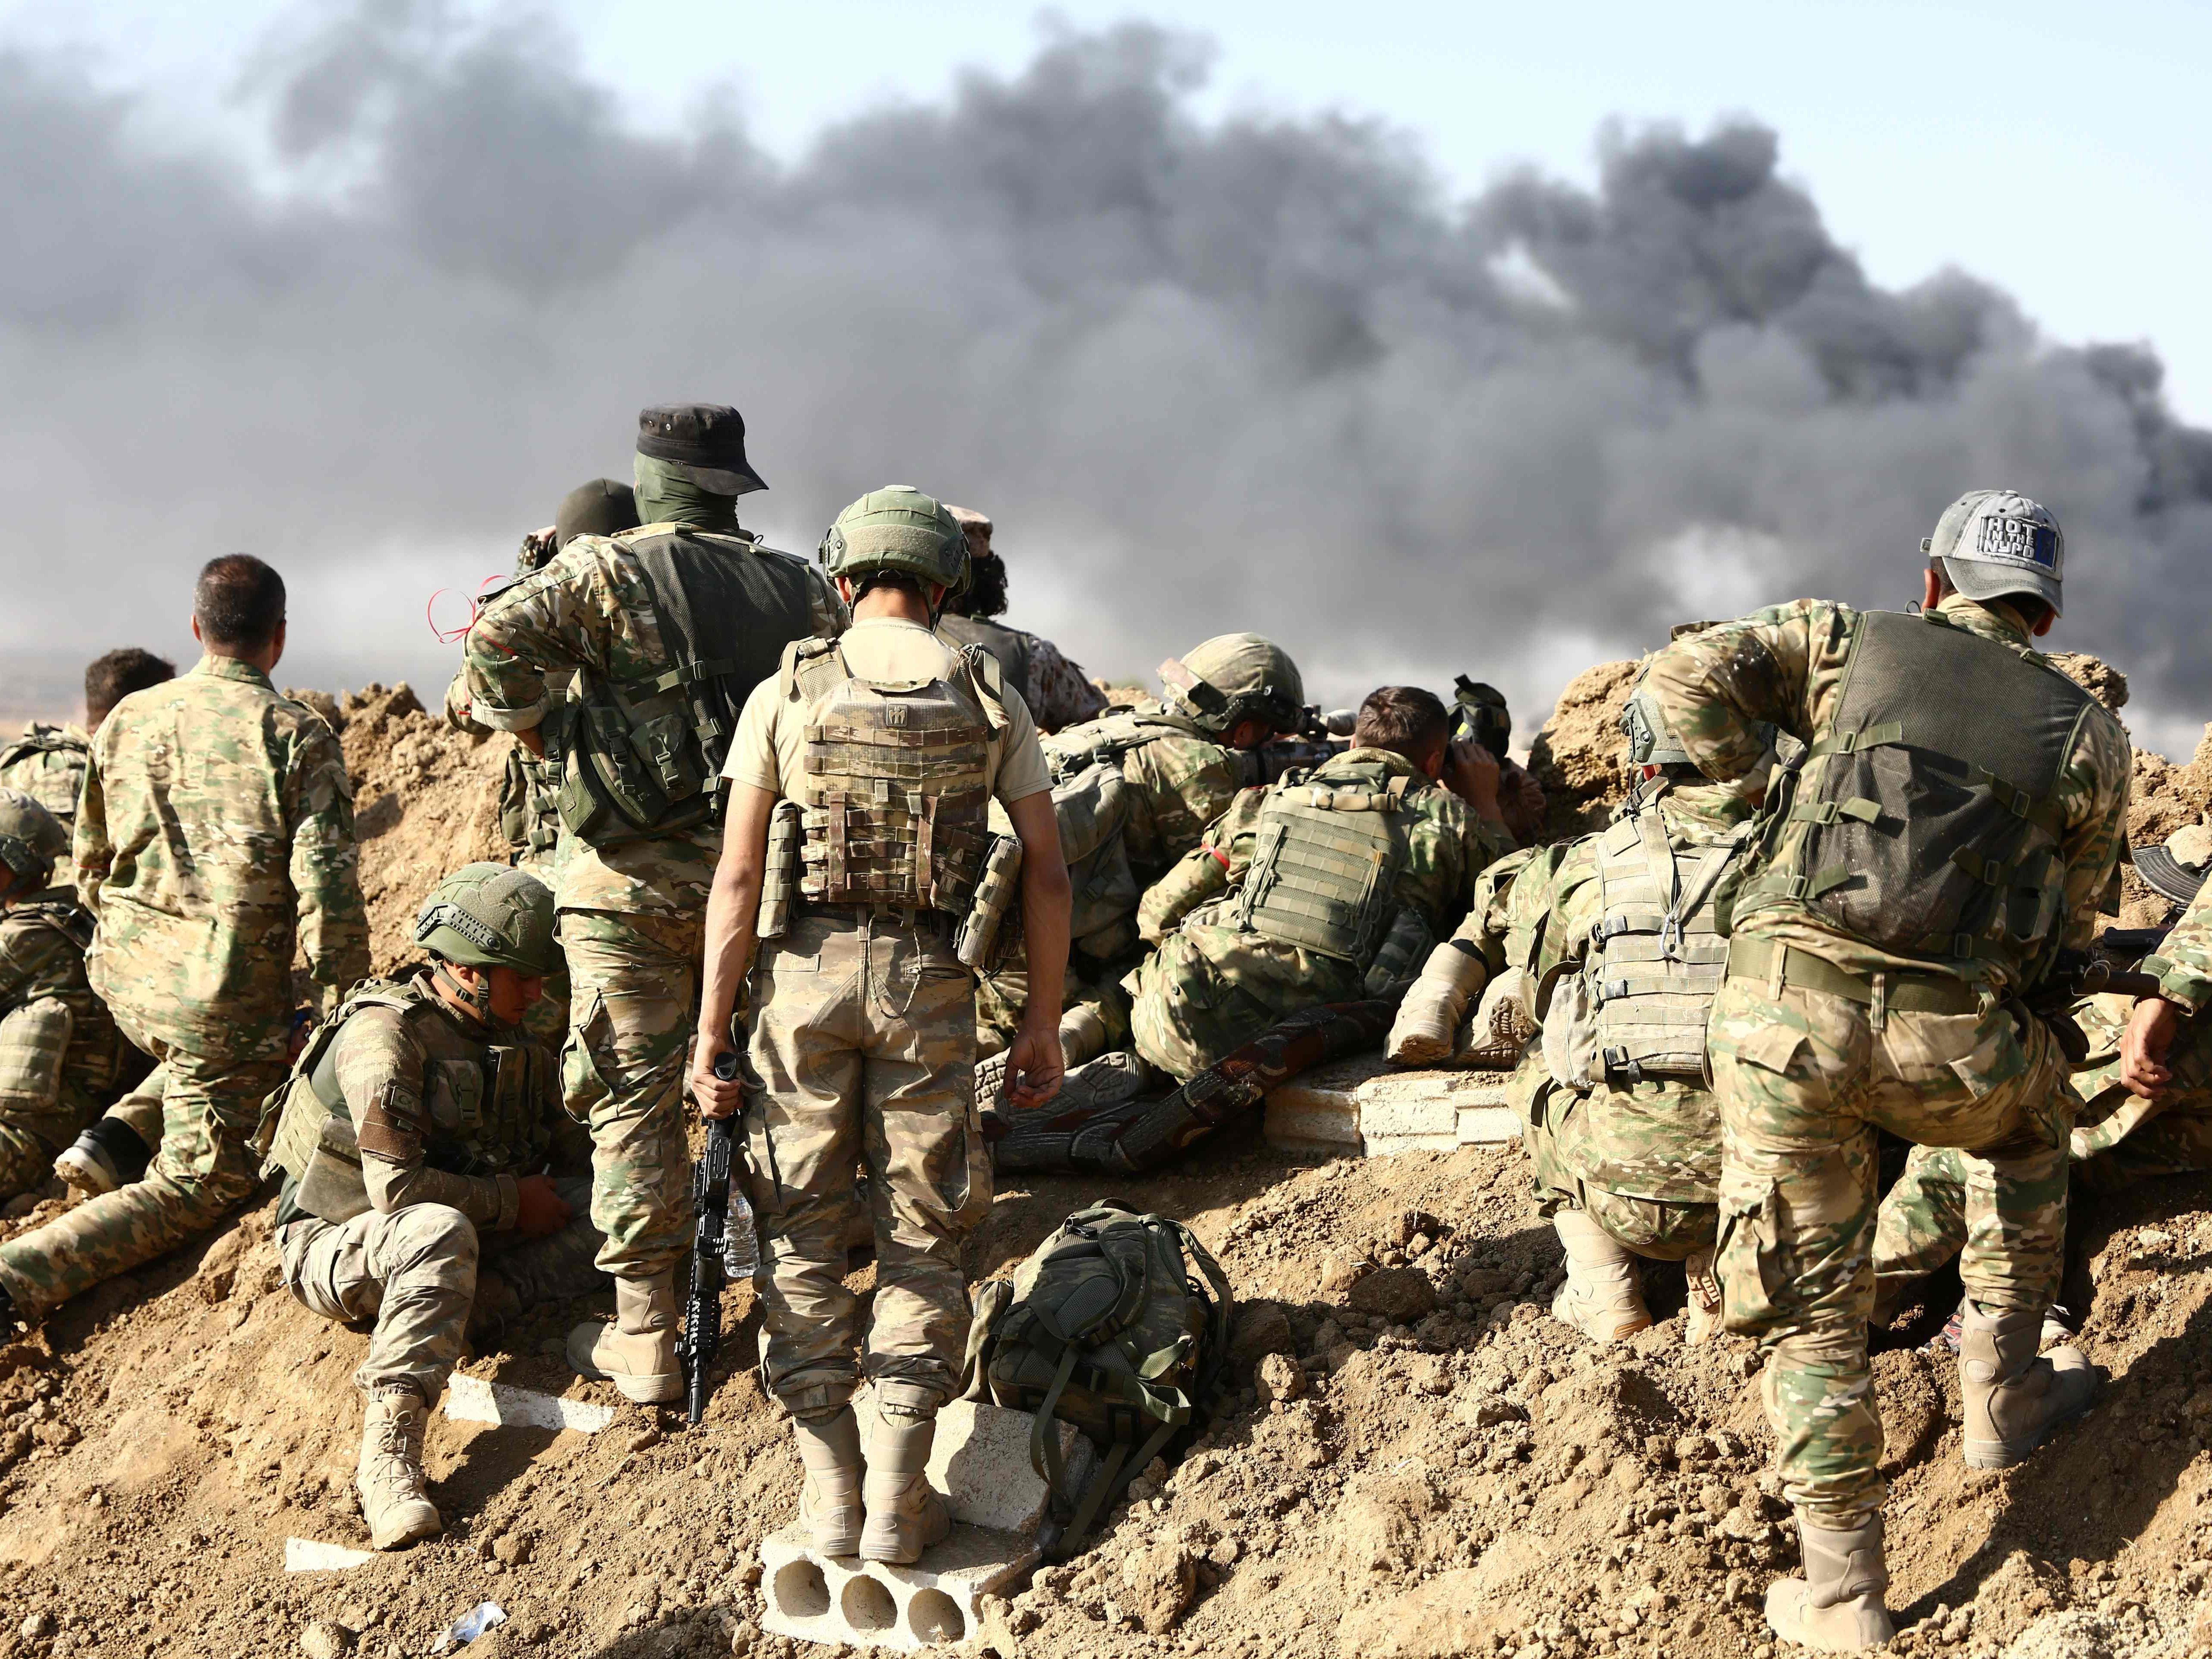 EU verurteilt türkische Militäroffensive in Nordsyrien